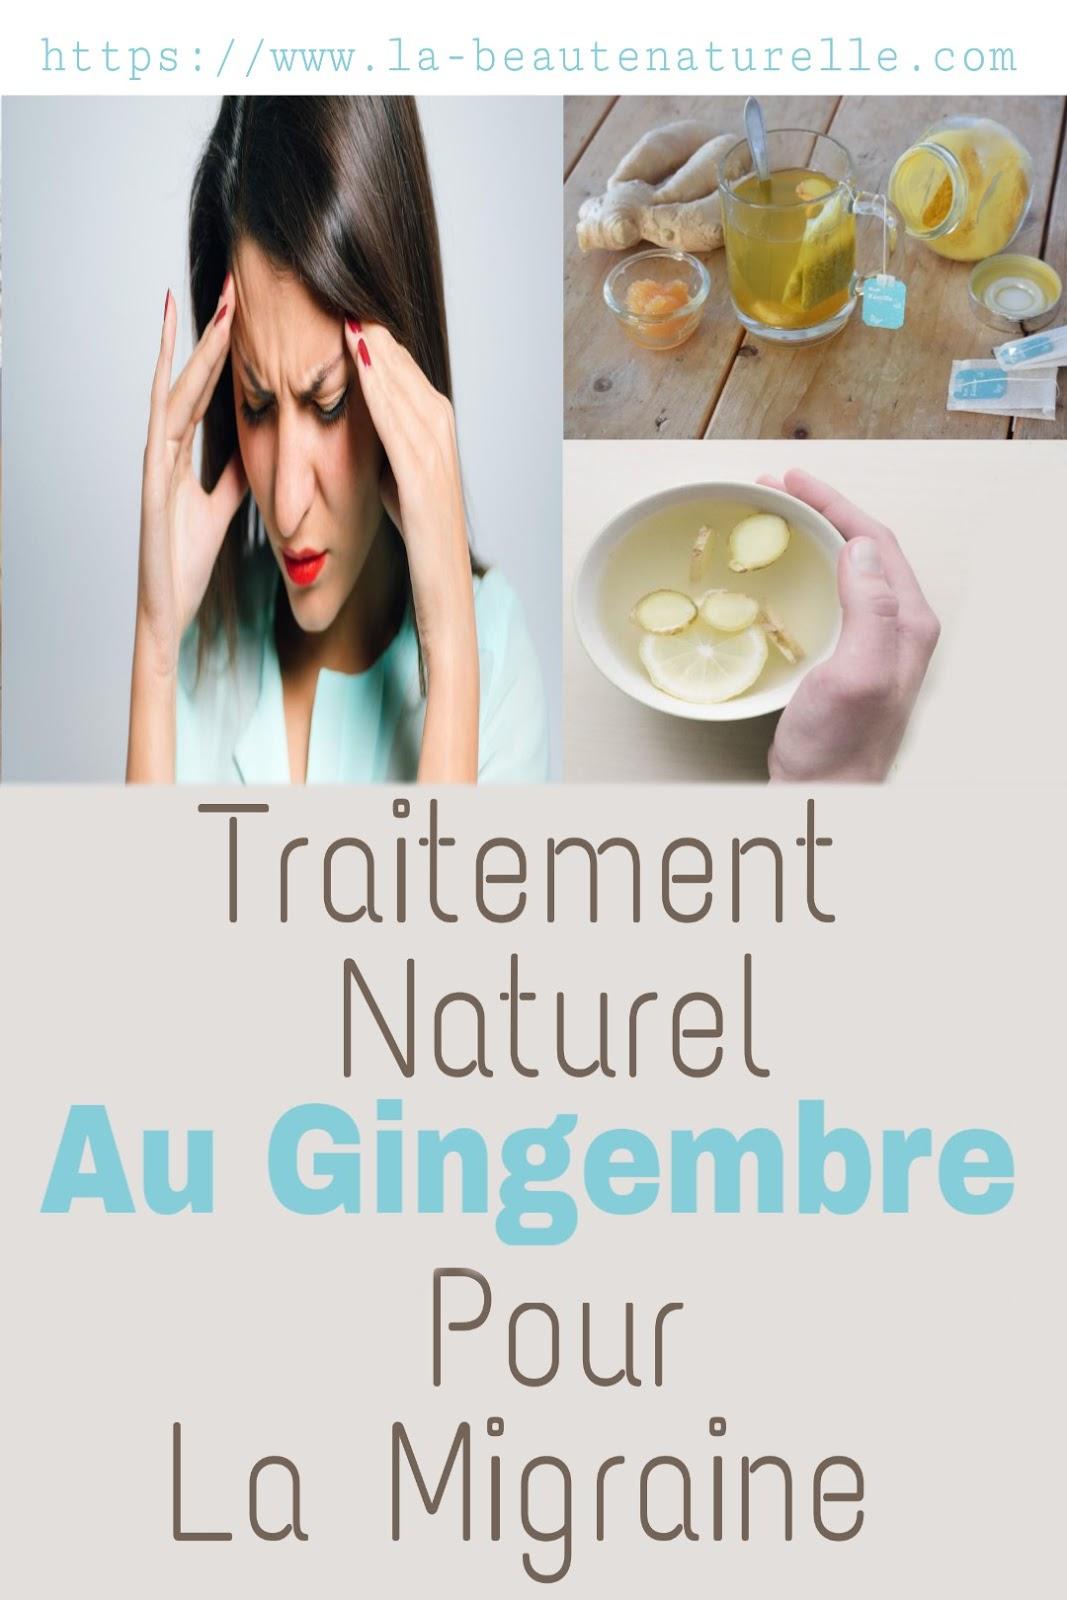 Traitement Naturel Au Gingembre Pour La Migraine